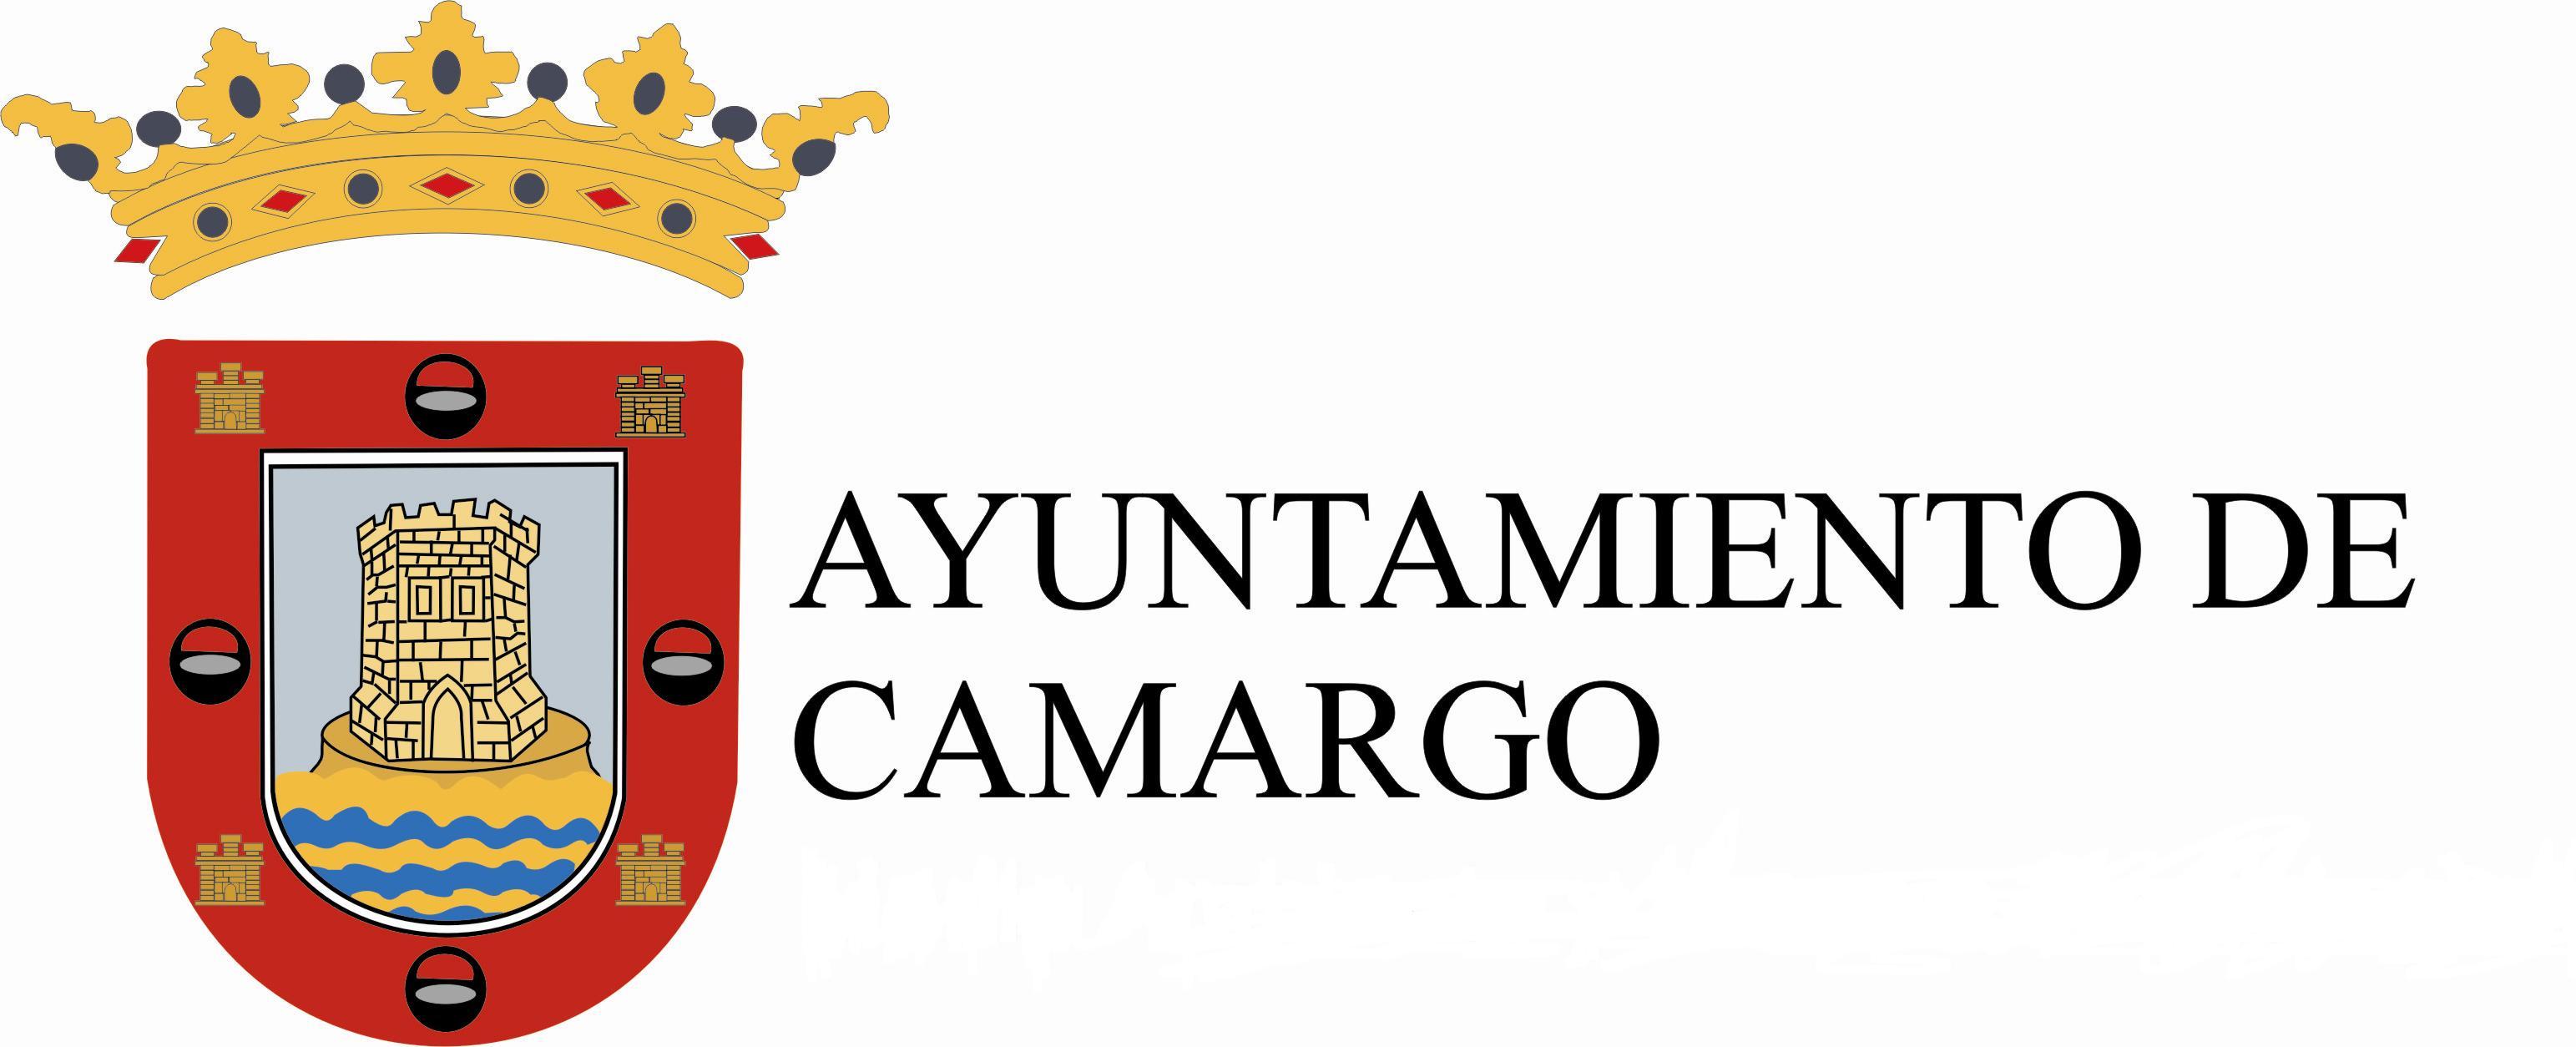 AytoCamargo